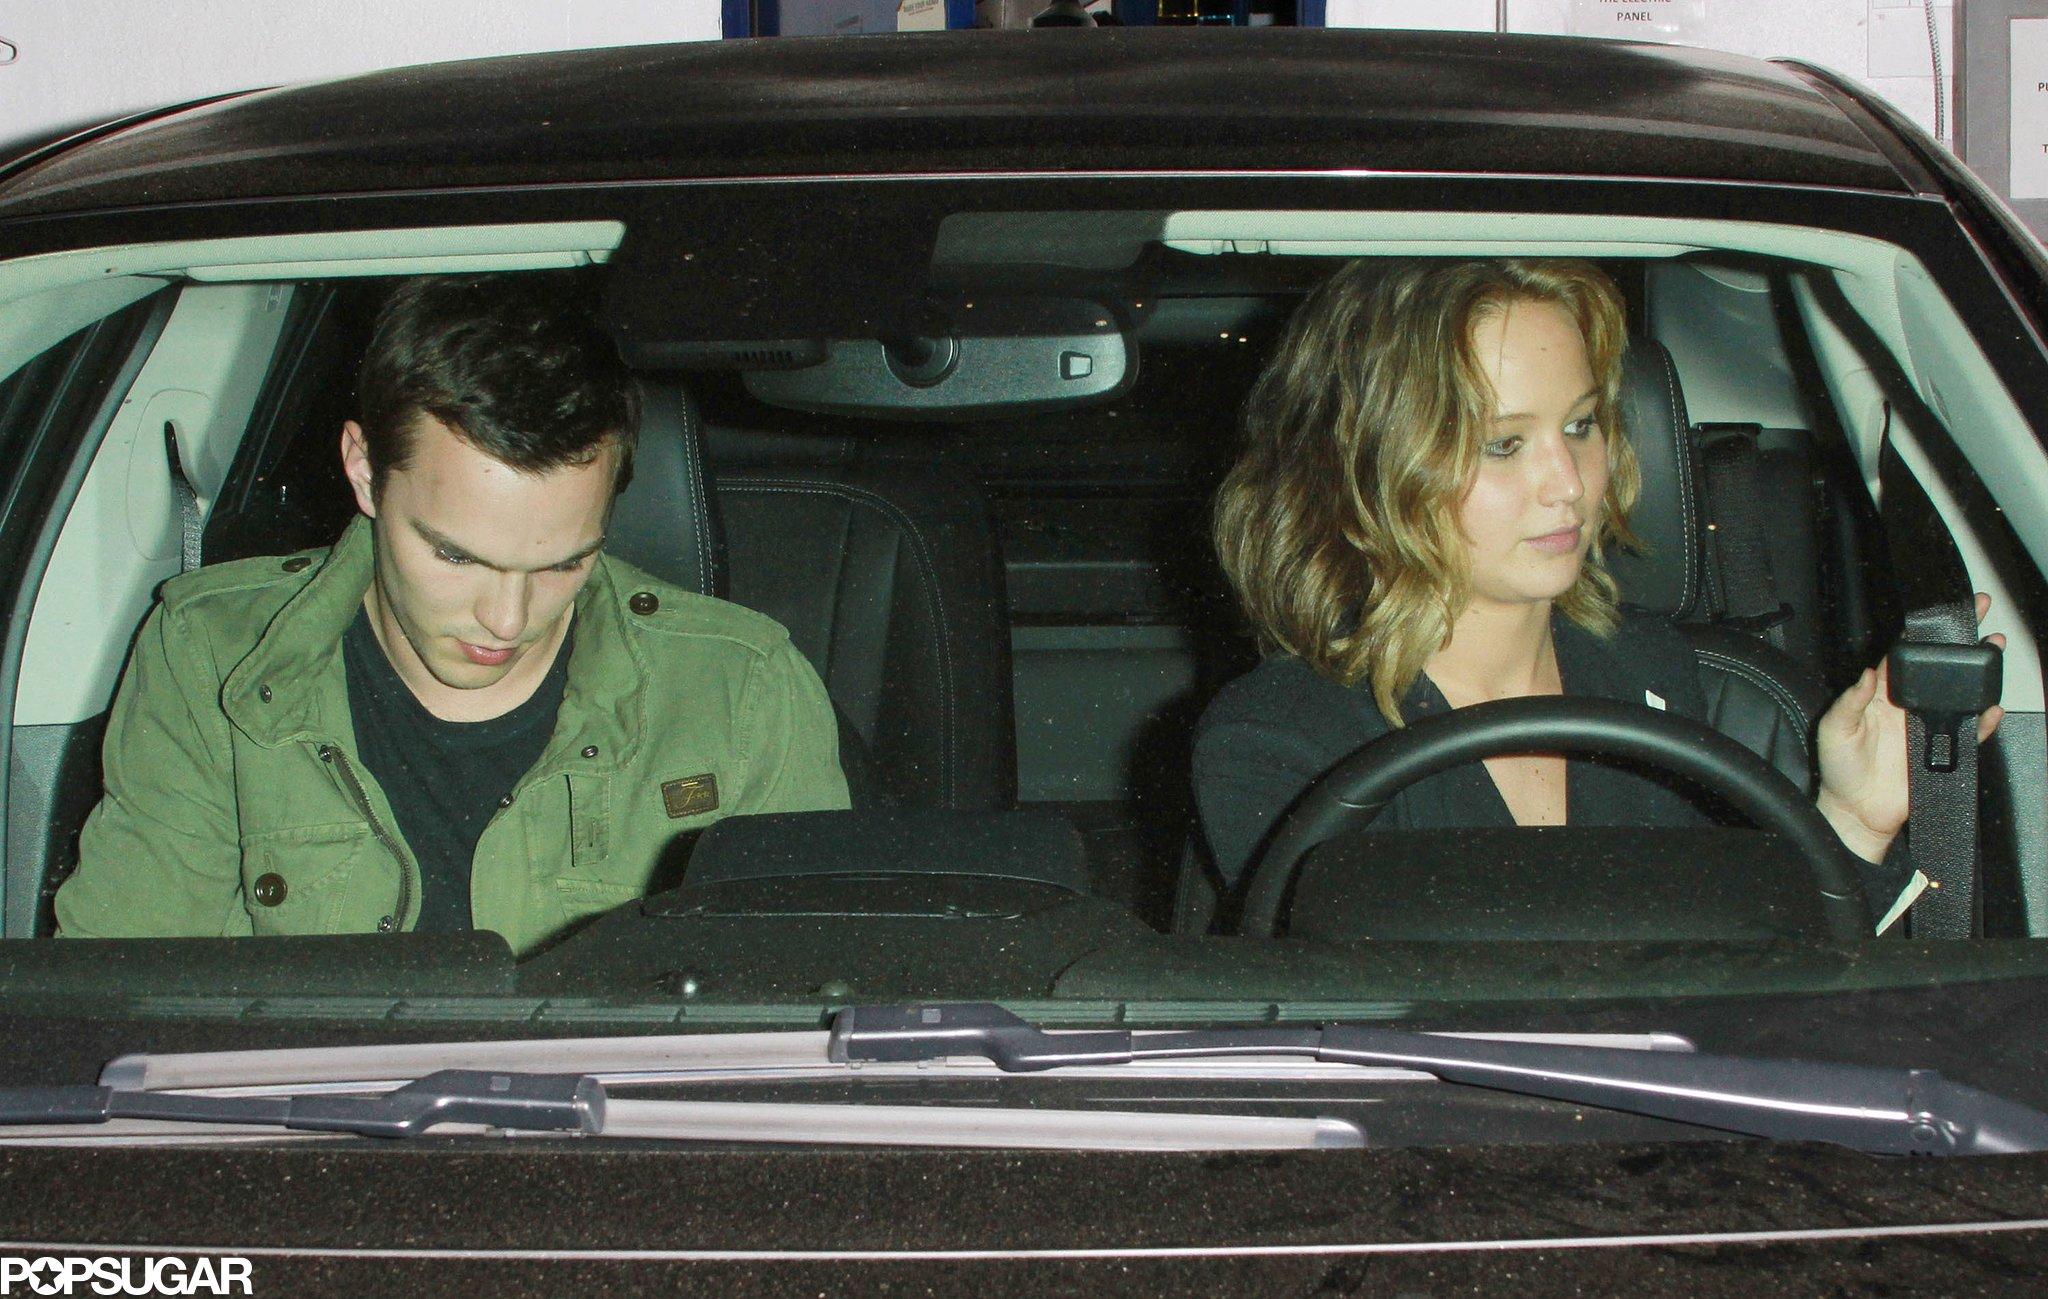 Jennifer Lawrence and Nicholas Hoult left dinner together.